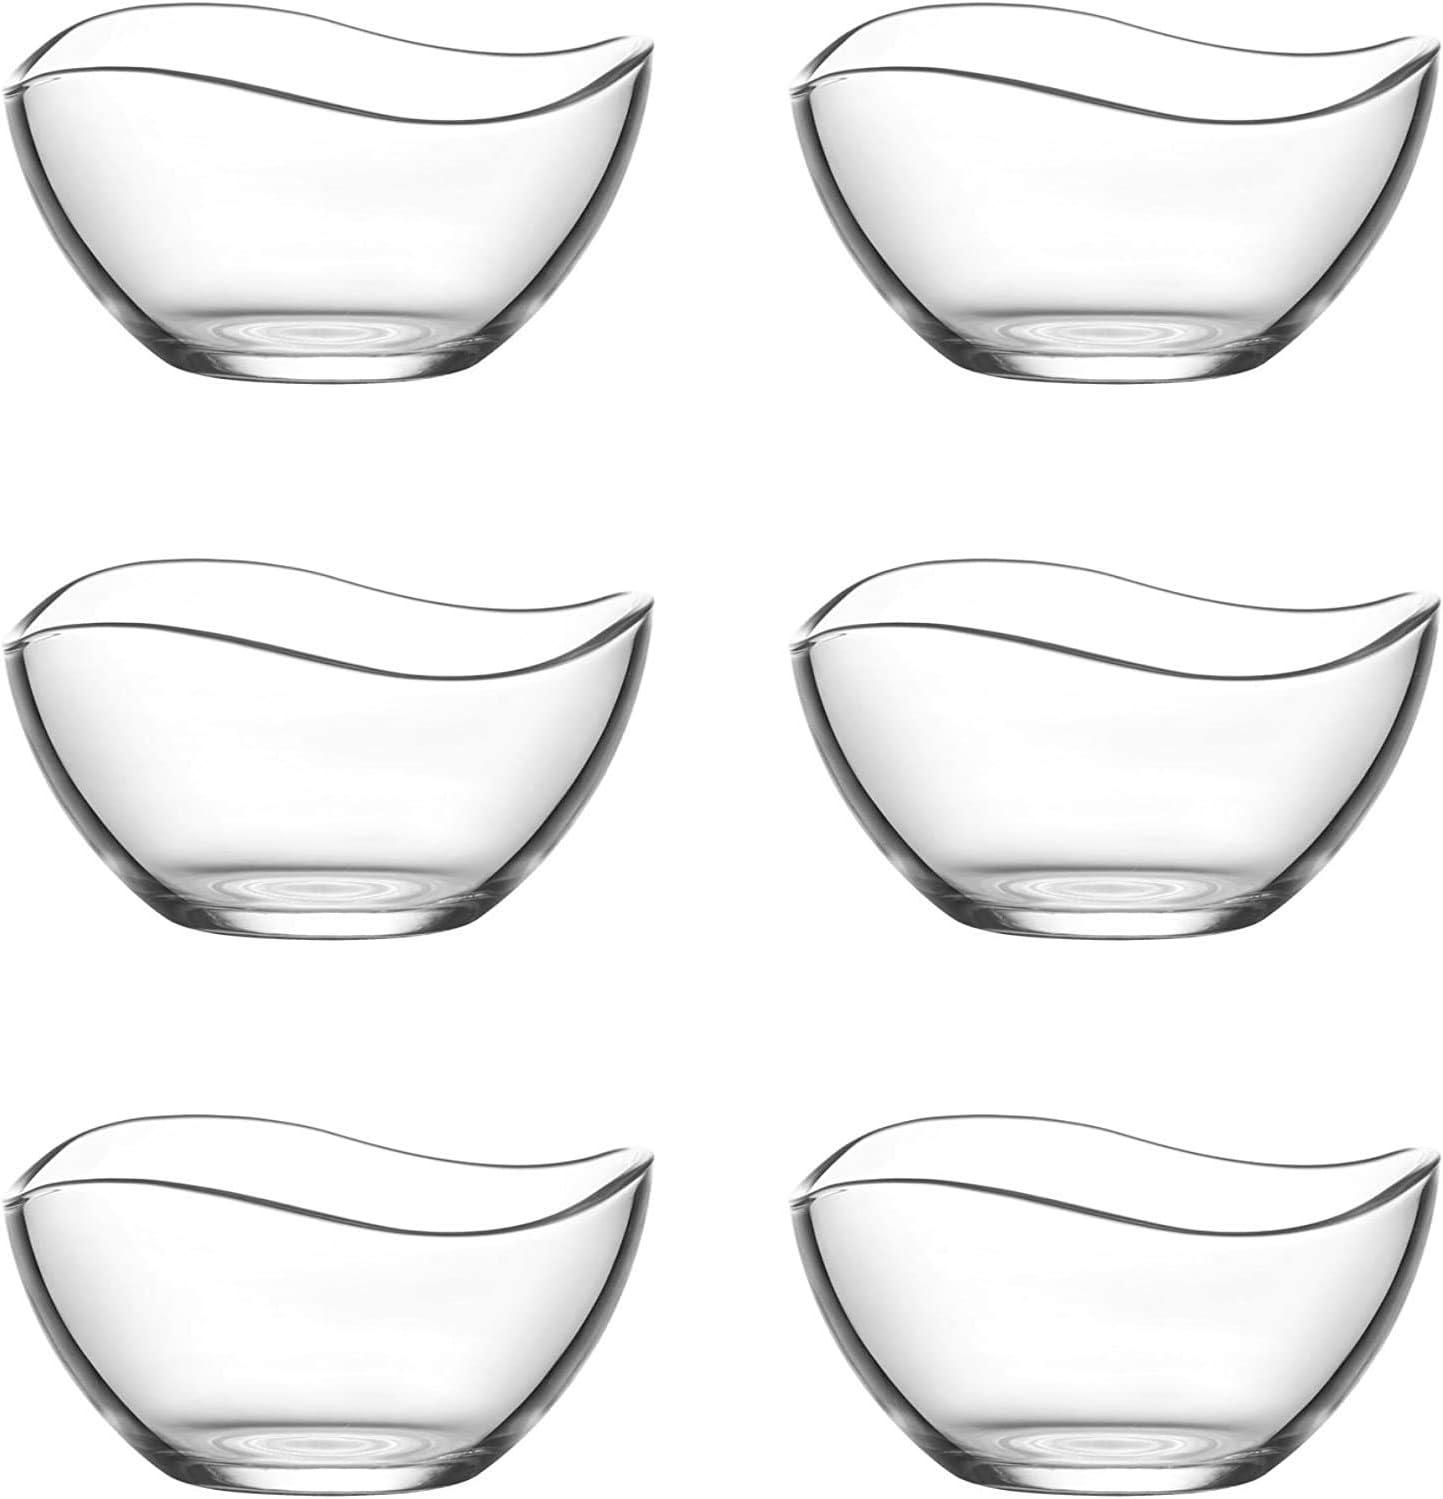 Lav - Juego de 6 cuencos de cristal de 310 ml para servir, para postre, ensaladera de cristal, juego de cuencos decorativos